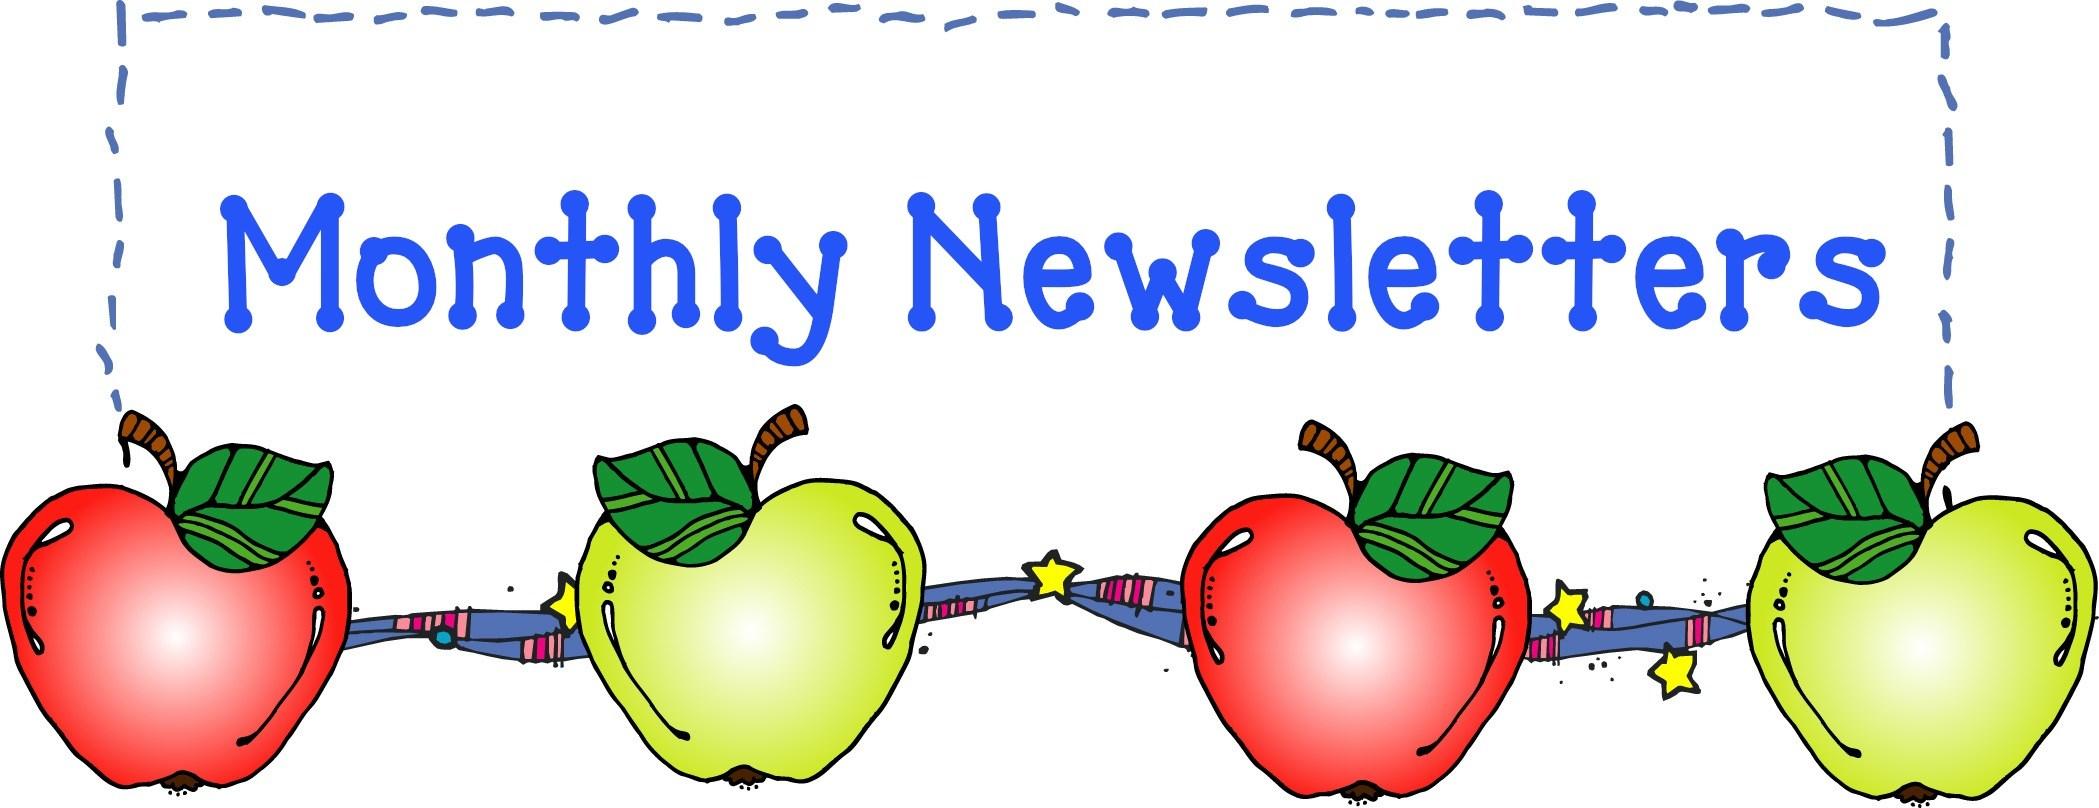 Newsletter clipart for teachers 5 » Clipart Portal.